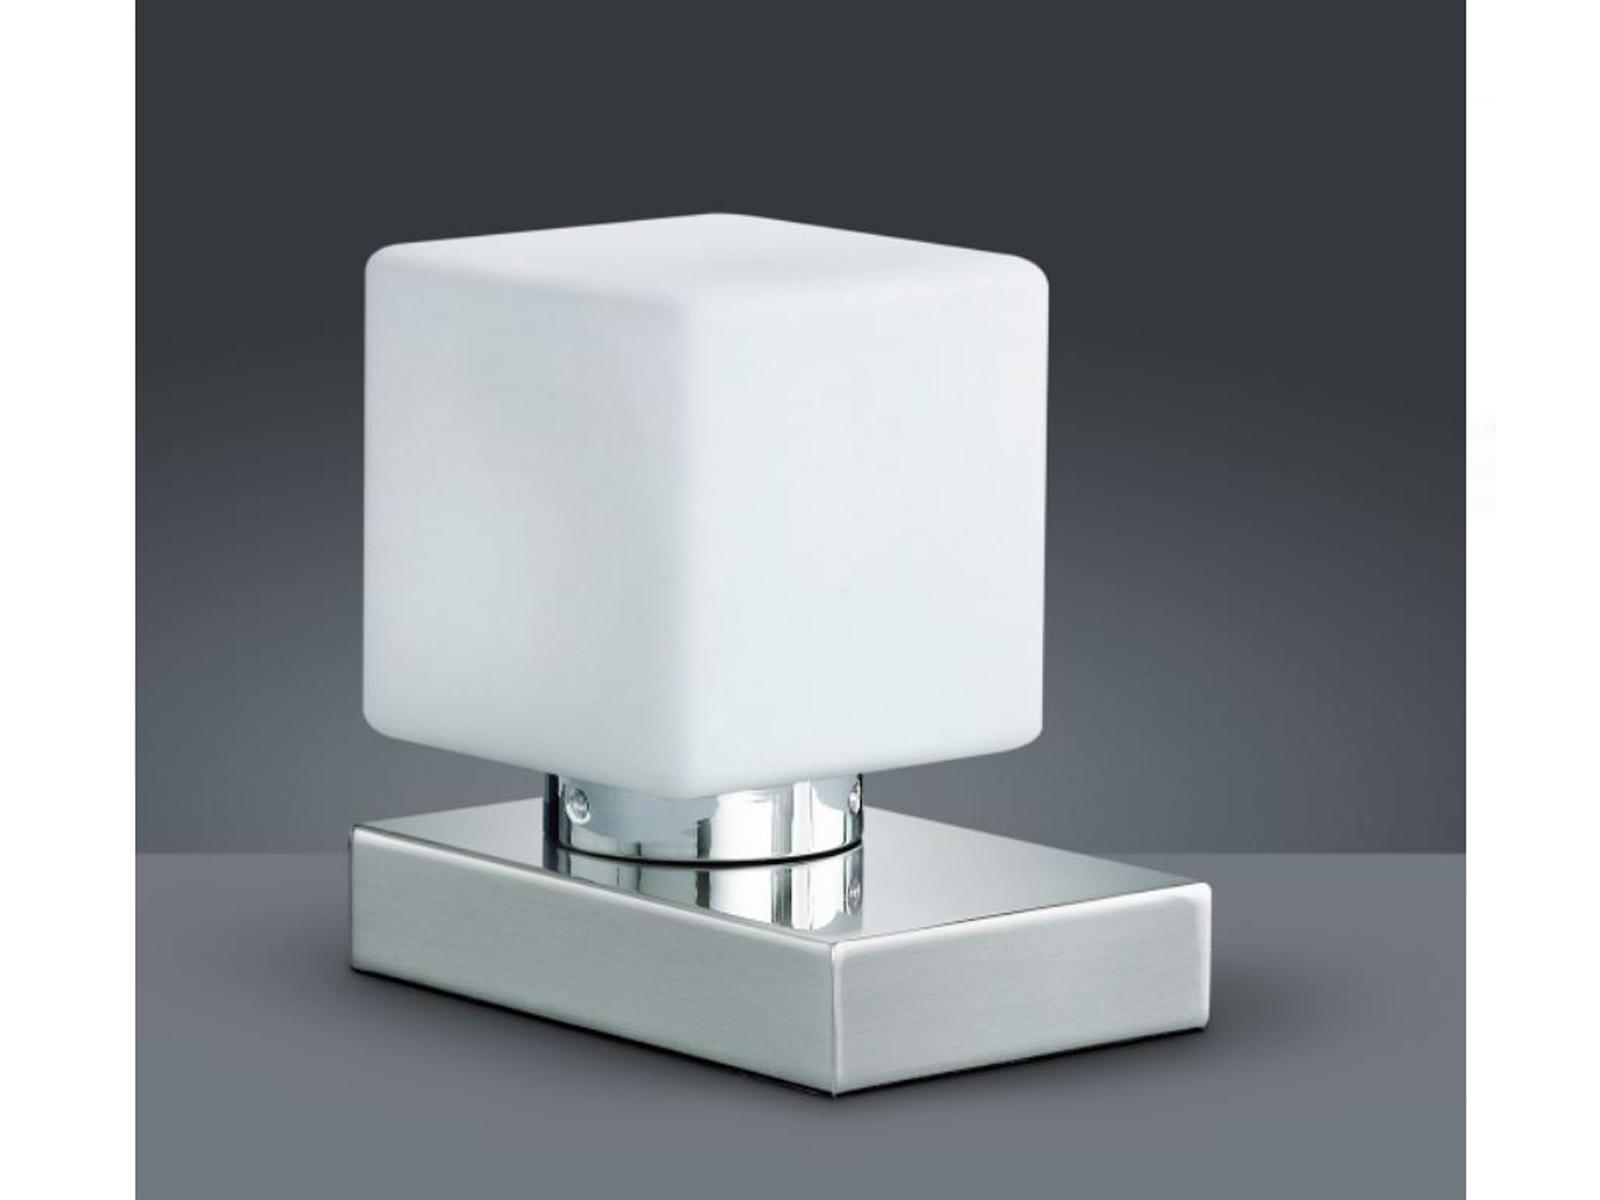 Bogenlampe Weiss Mit Dimmer ~ Tischlampe mit dimmer touchdimmer glas weiß lampe wohnzimmer